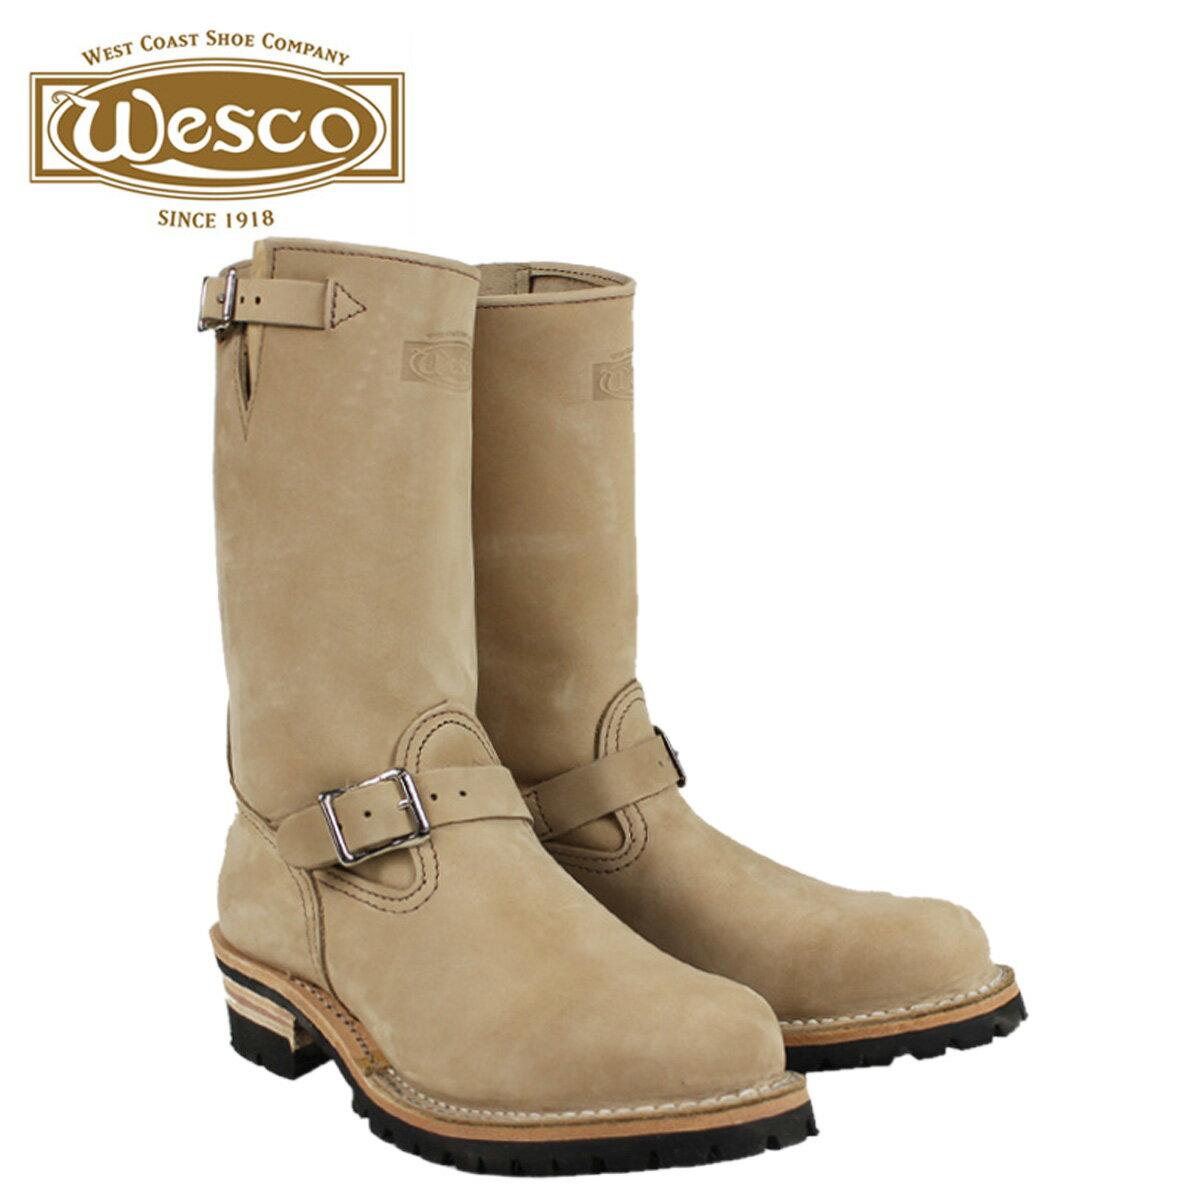 WESCO ウエスコ 11インチ ジョブマスター ブーツ エンジニアブーツ  11INCH THE BOSS STEEL TOE Eワイズ レザー  バーラップ BE7700100 ウェスコ  メンズ